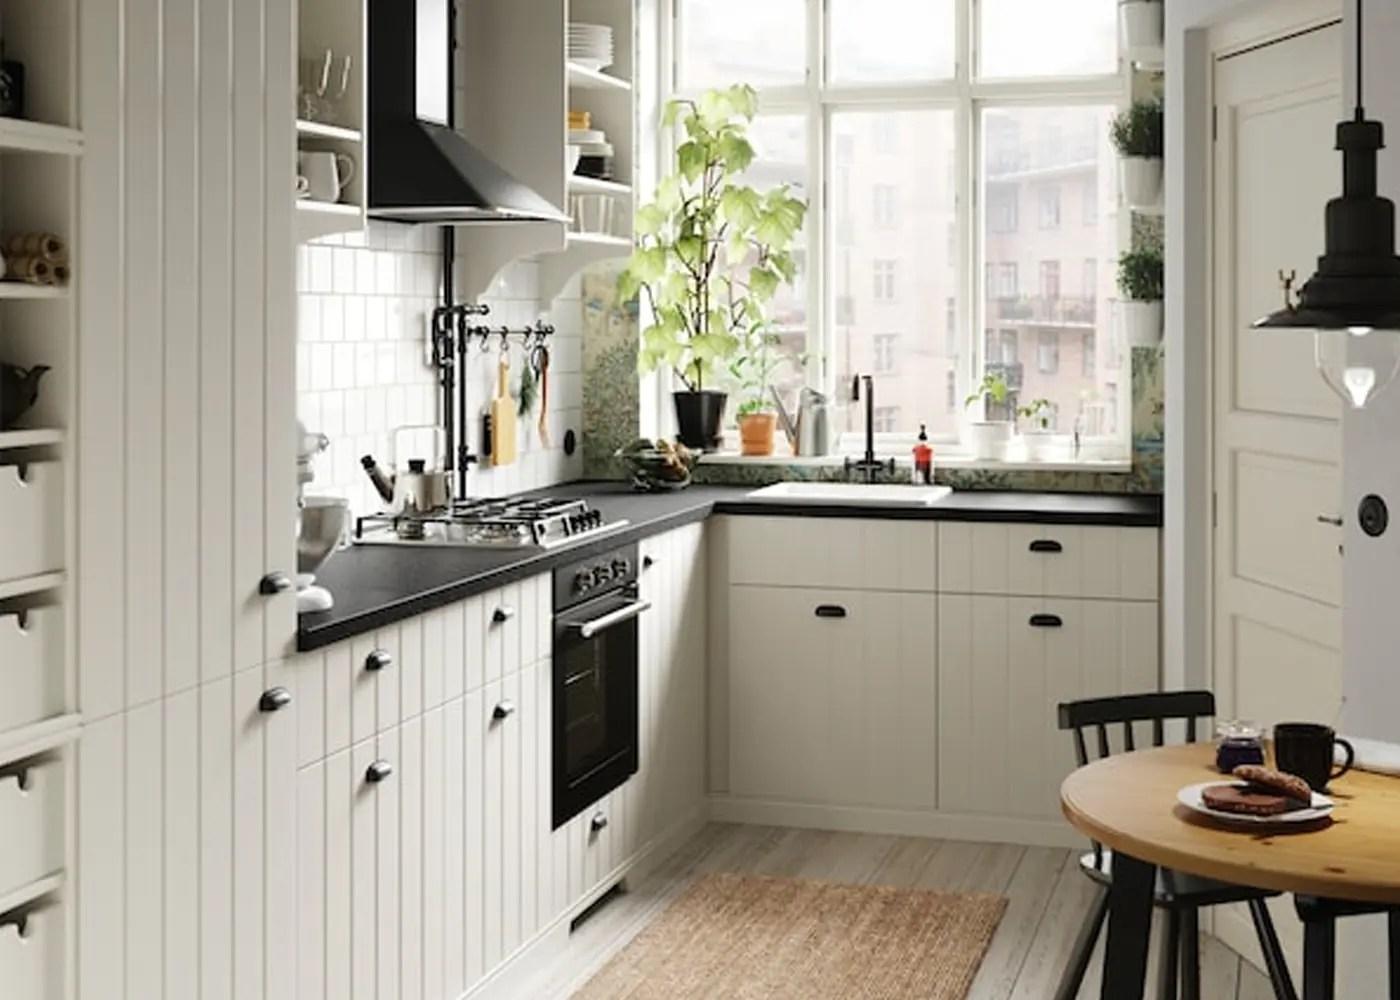 Ikea Küche Liefertermin ändern  Kuche Ikea Lieferzeit 16 16